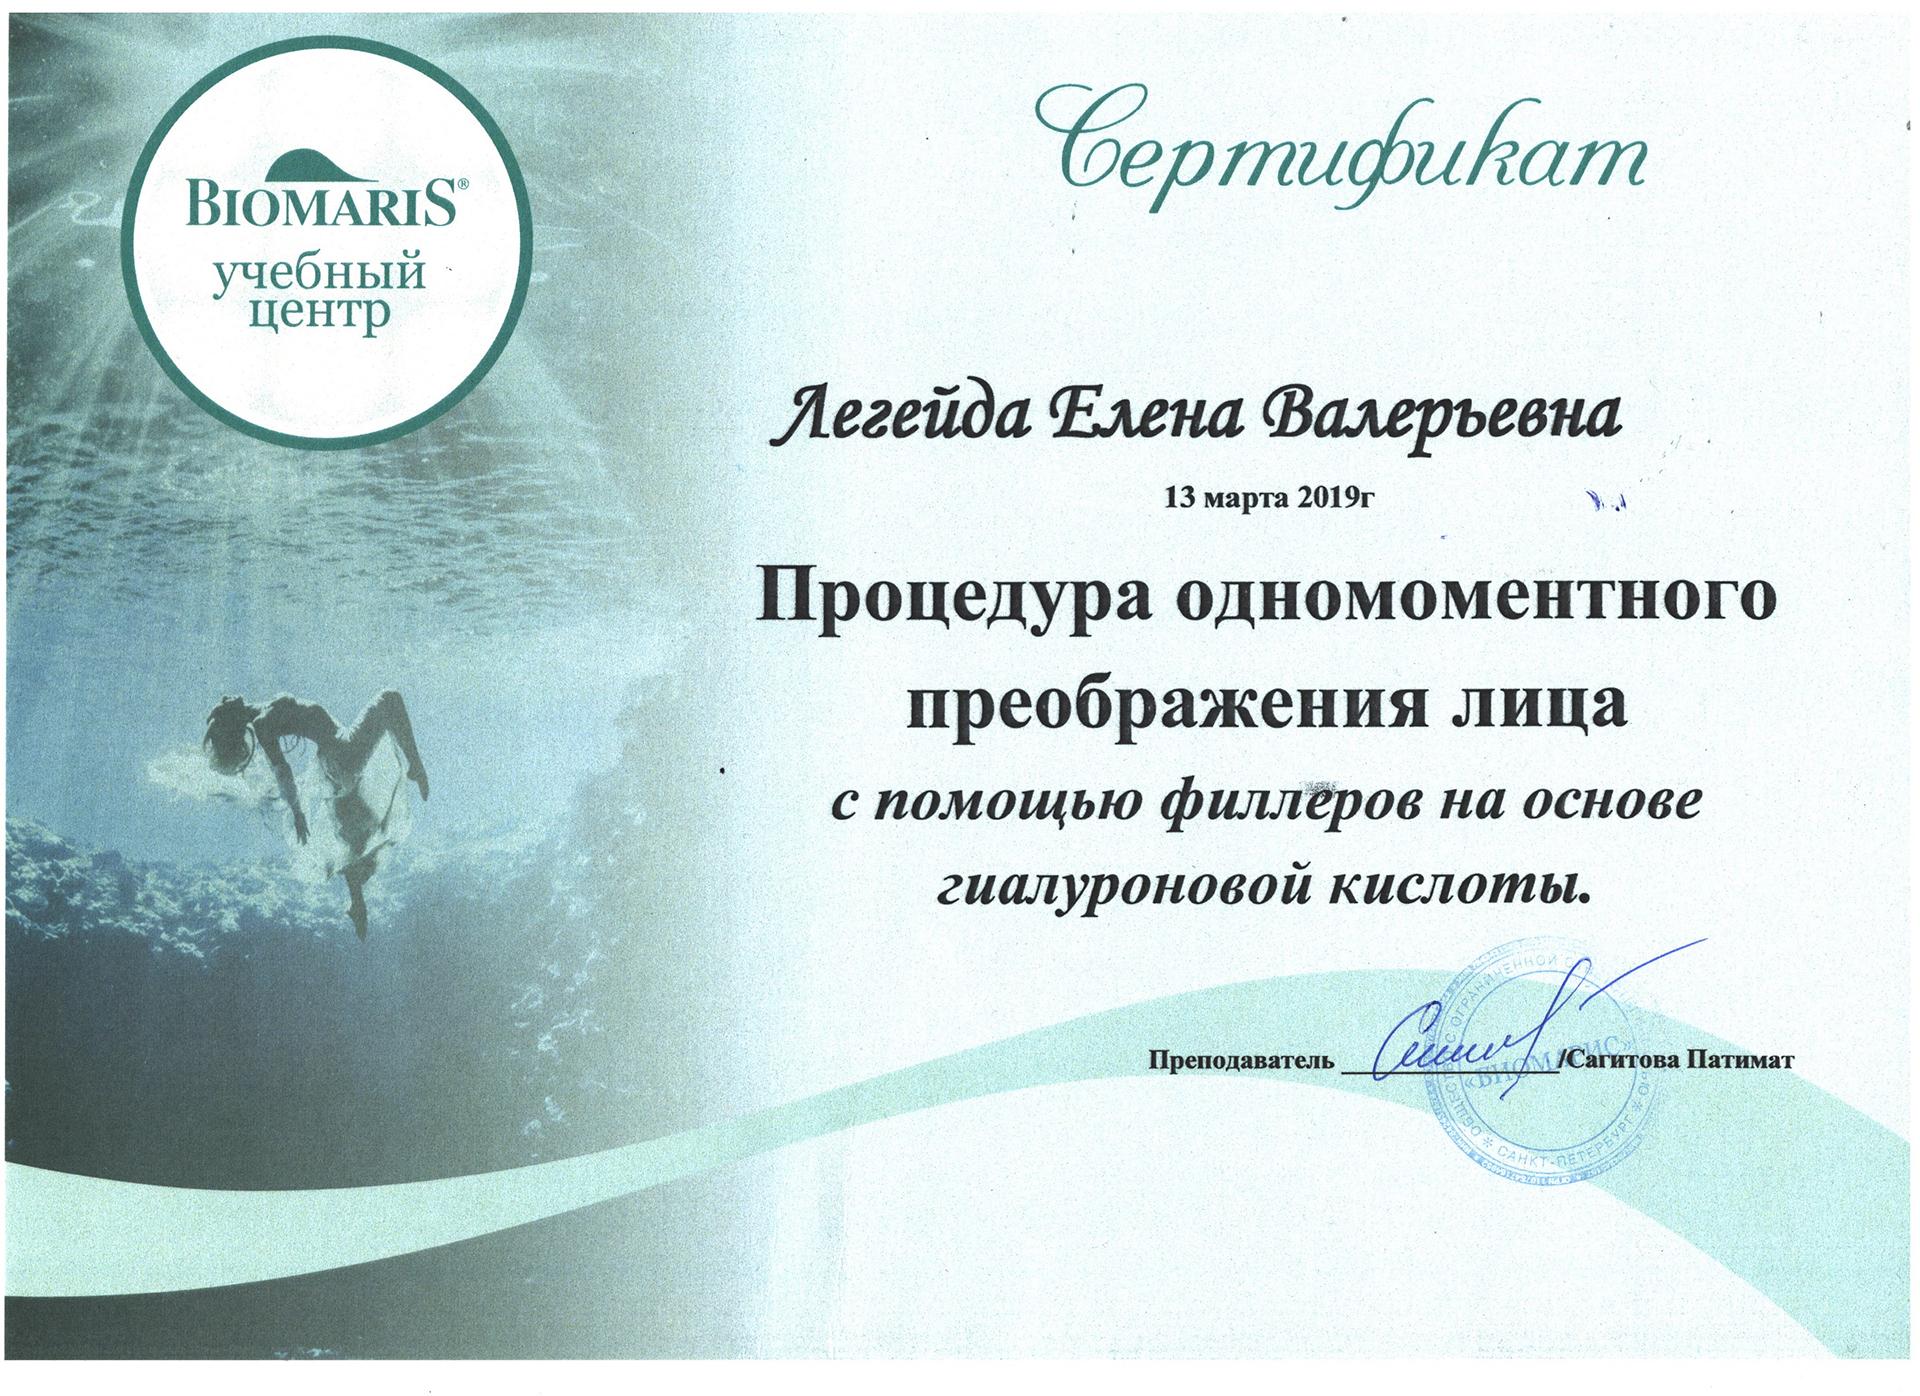 Сертификат — Одномоментное преображение лица. Легейда Елена Валерьевна